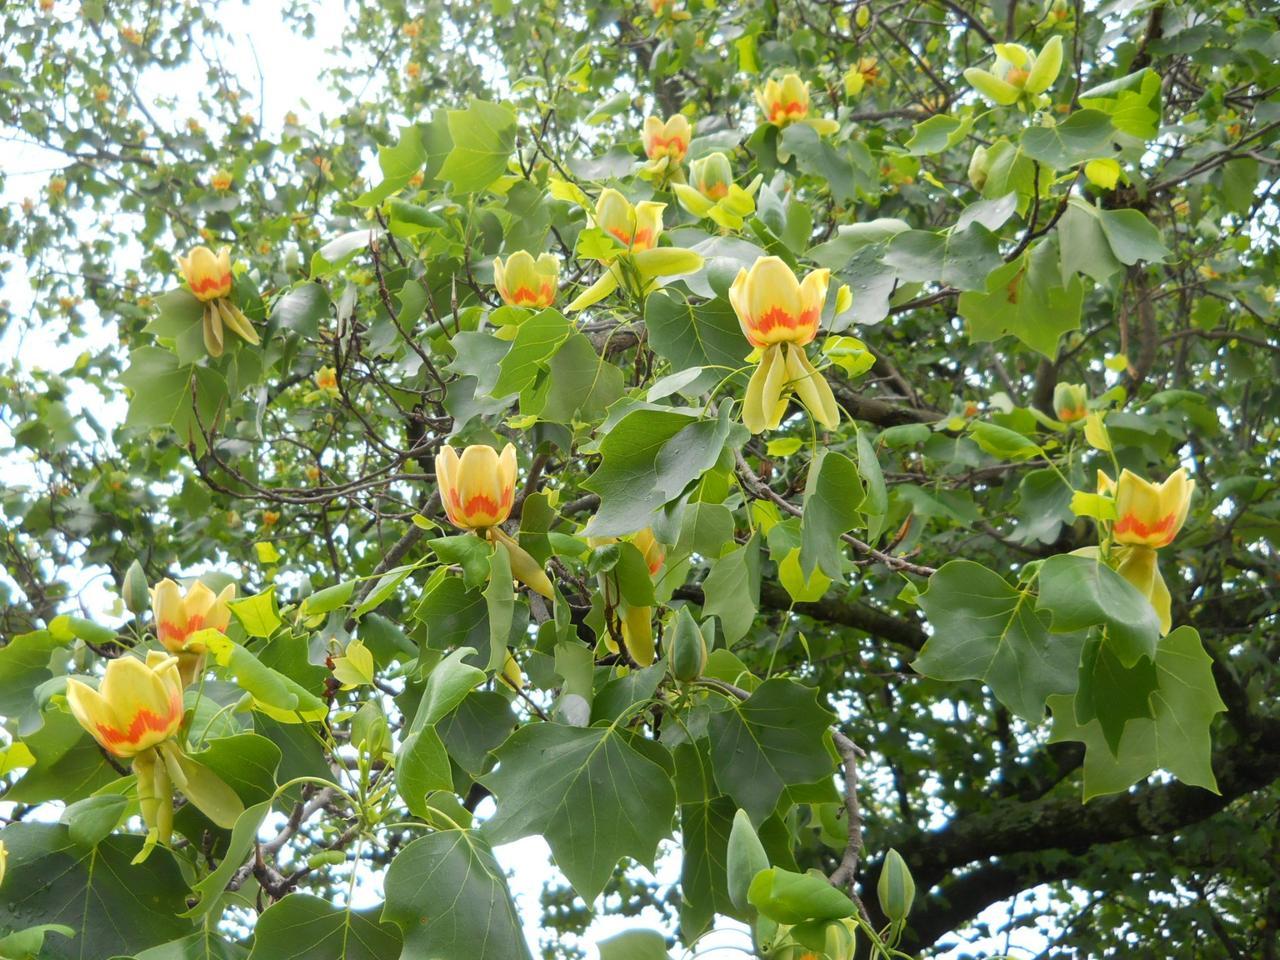 Тюльпанове дерево 2 річне, Тюльпановое дерево Лириодендрон, Liriodendron tulipifera